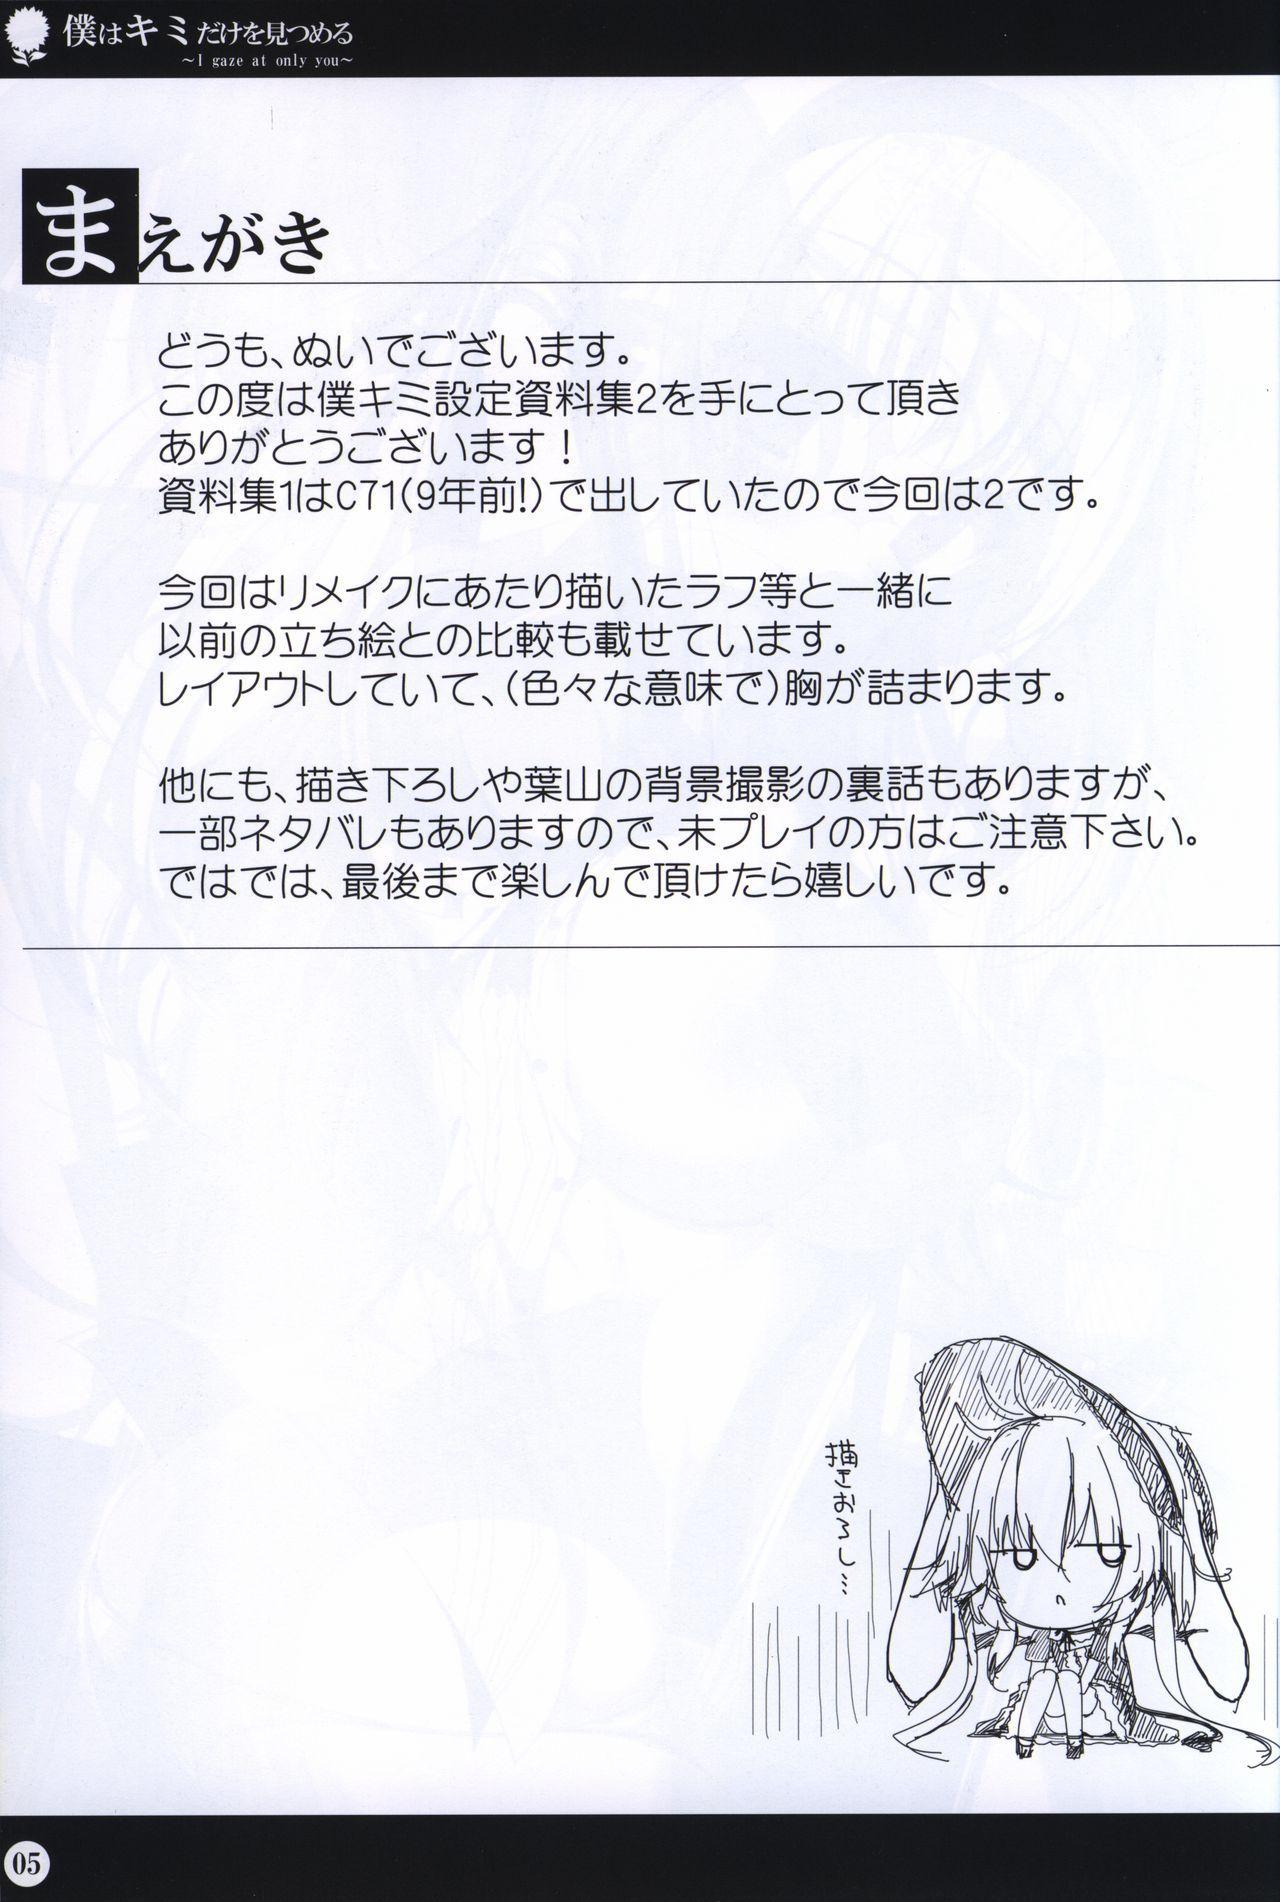 Boku wa Kimi Dake o Mitsumeru art collection 2 4